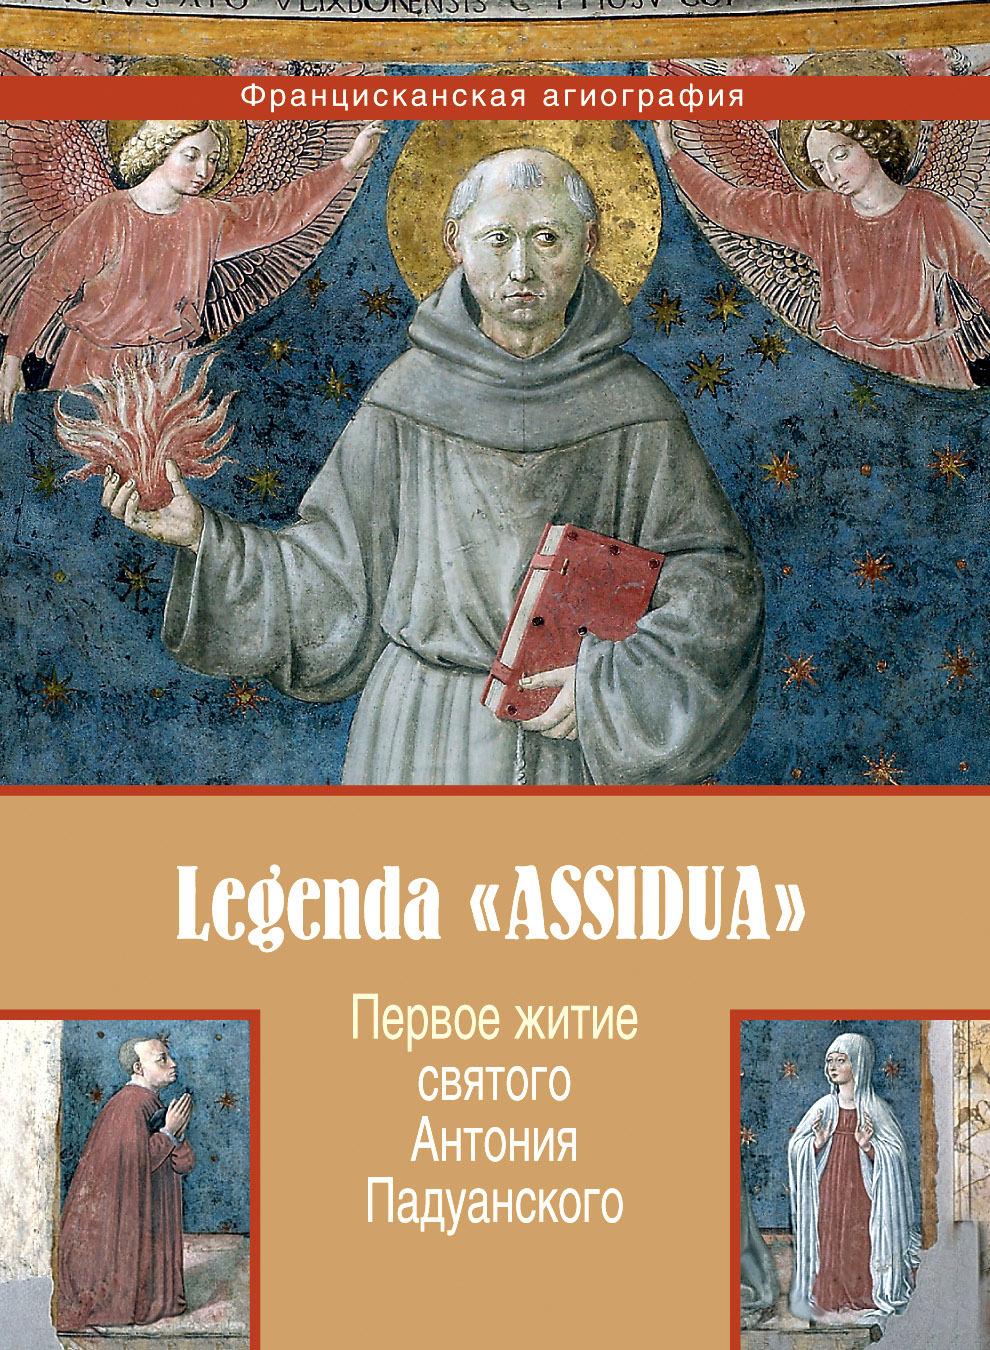 Анонимный автор - Первое житие святого Антония Падуанского, называемое также «Легенда Assidua»